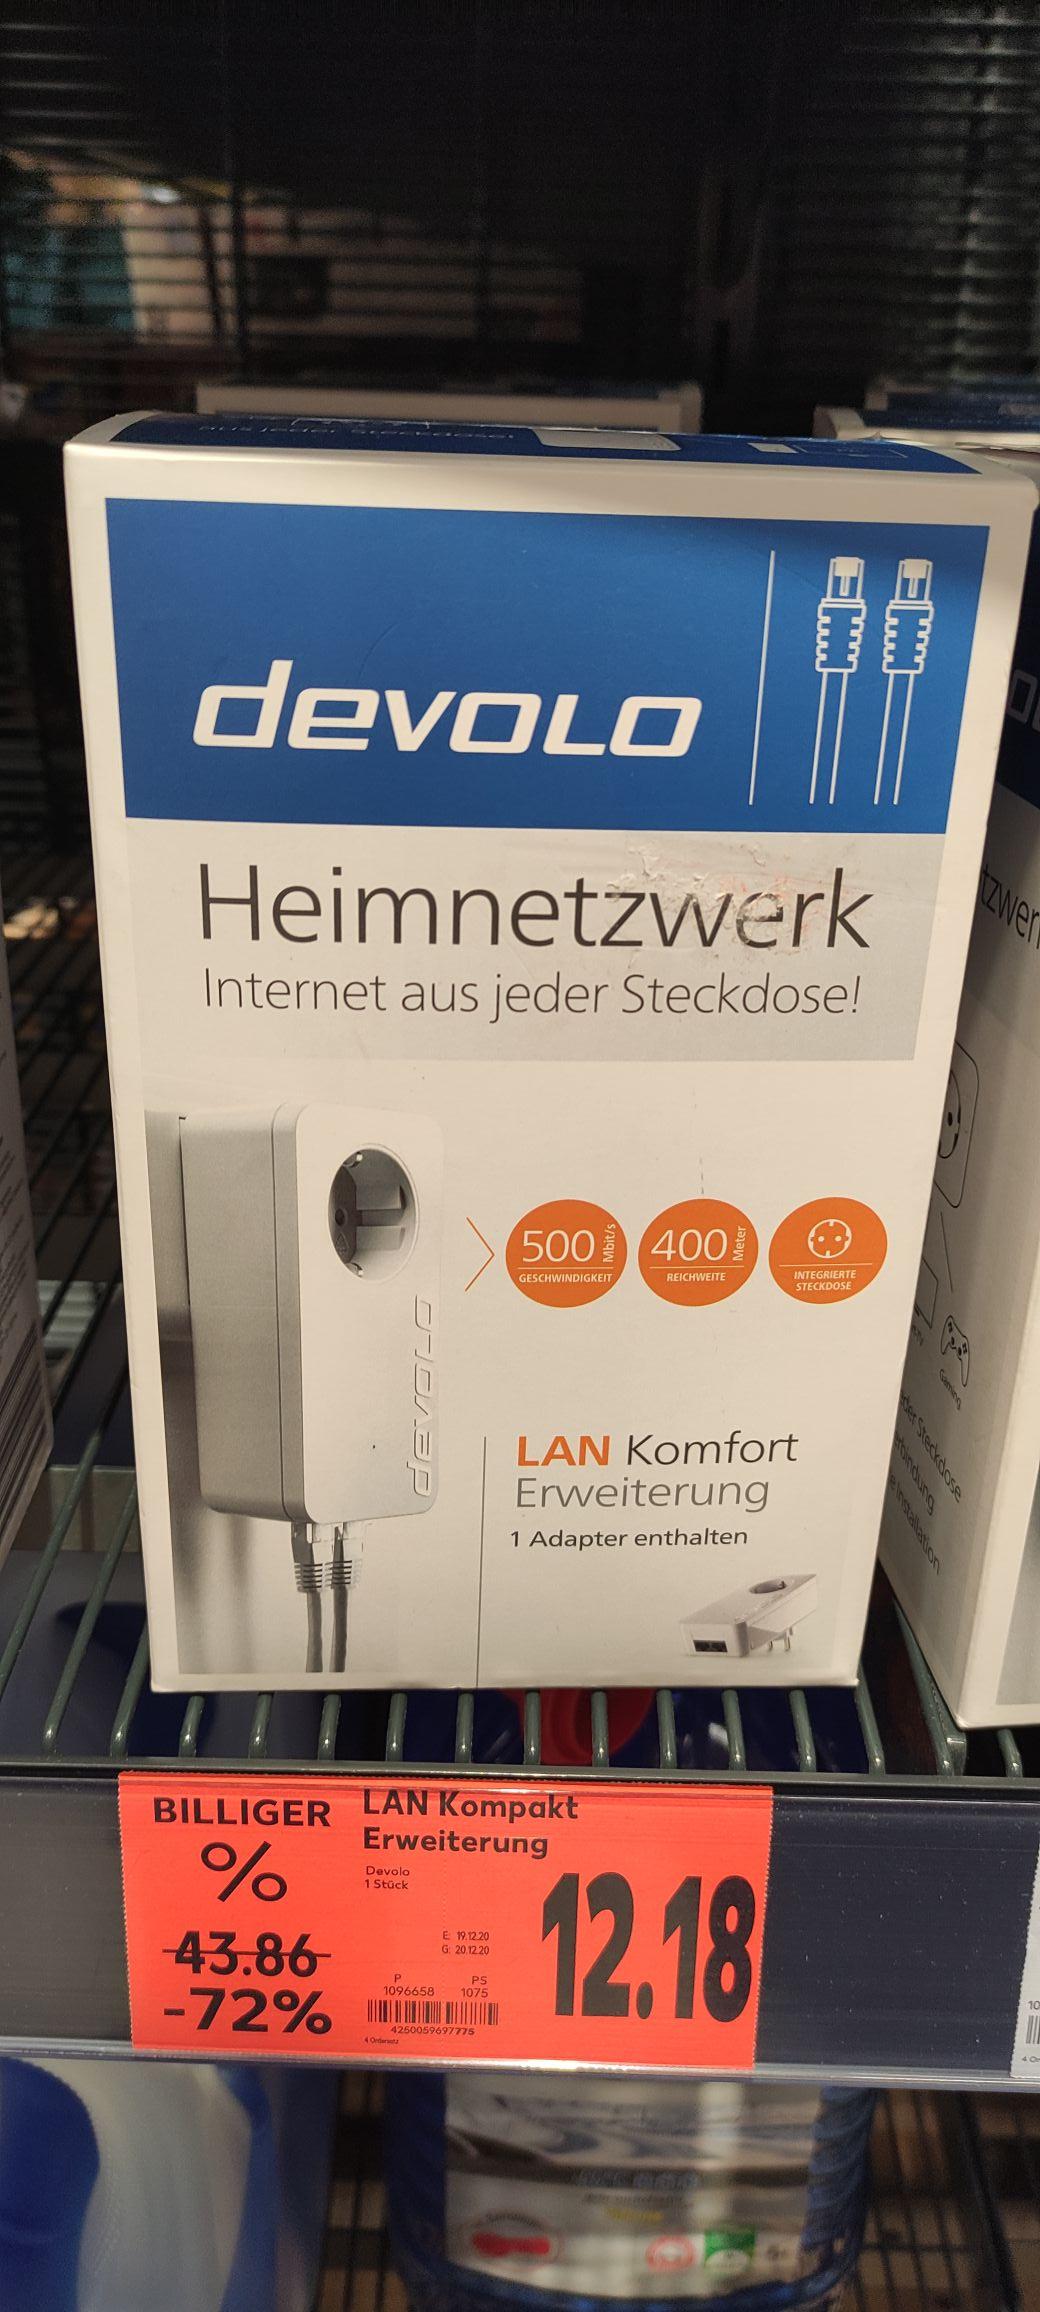 devolo 09777 LAN Komfort Erweiterung Heimnetzwerk (Kaufland Senftenberg)